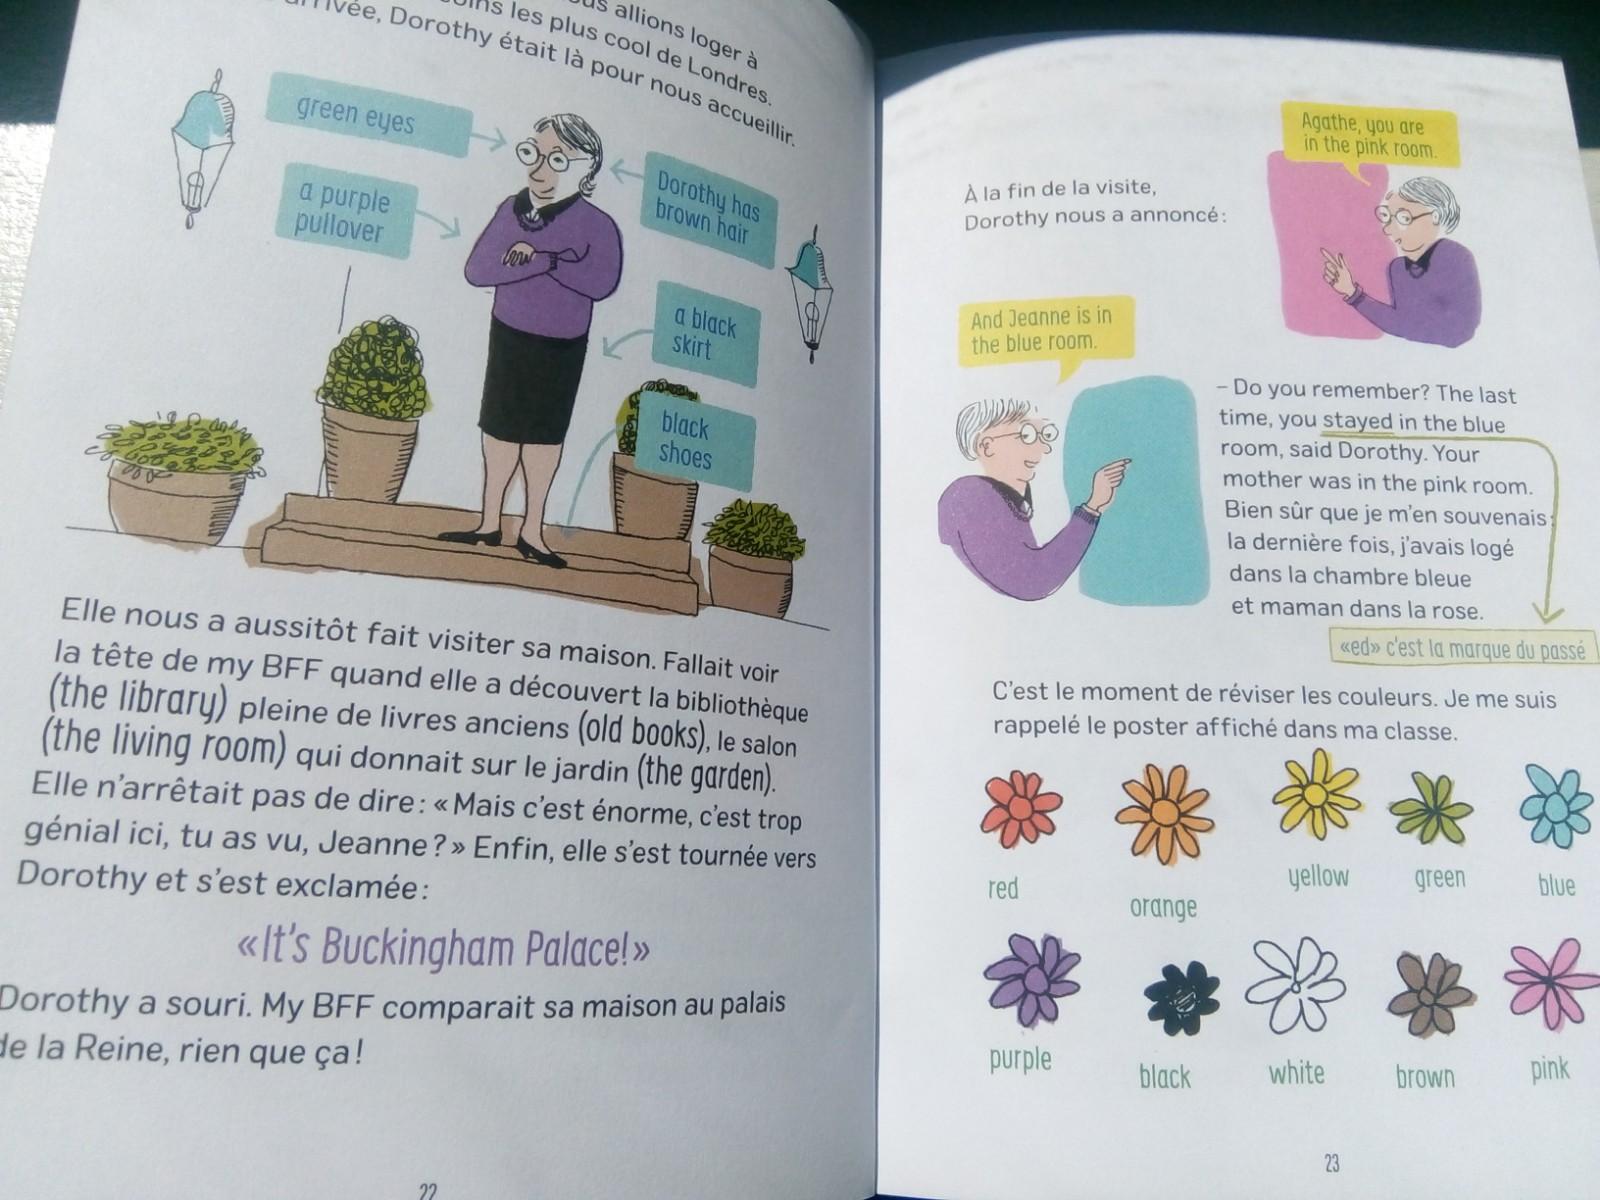 histoire pour enfants en anglais 10 ans